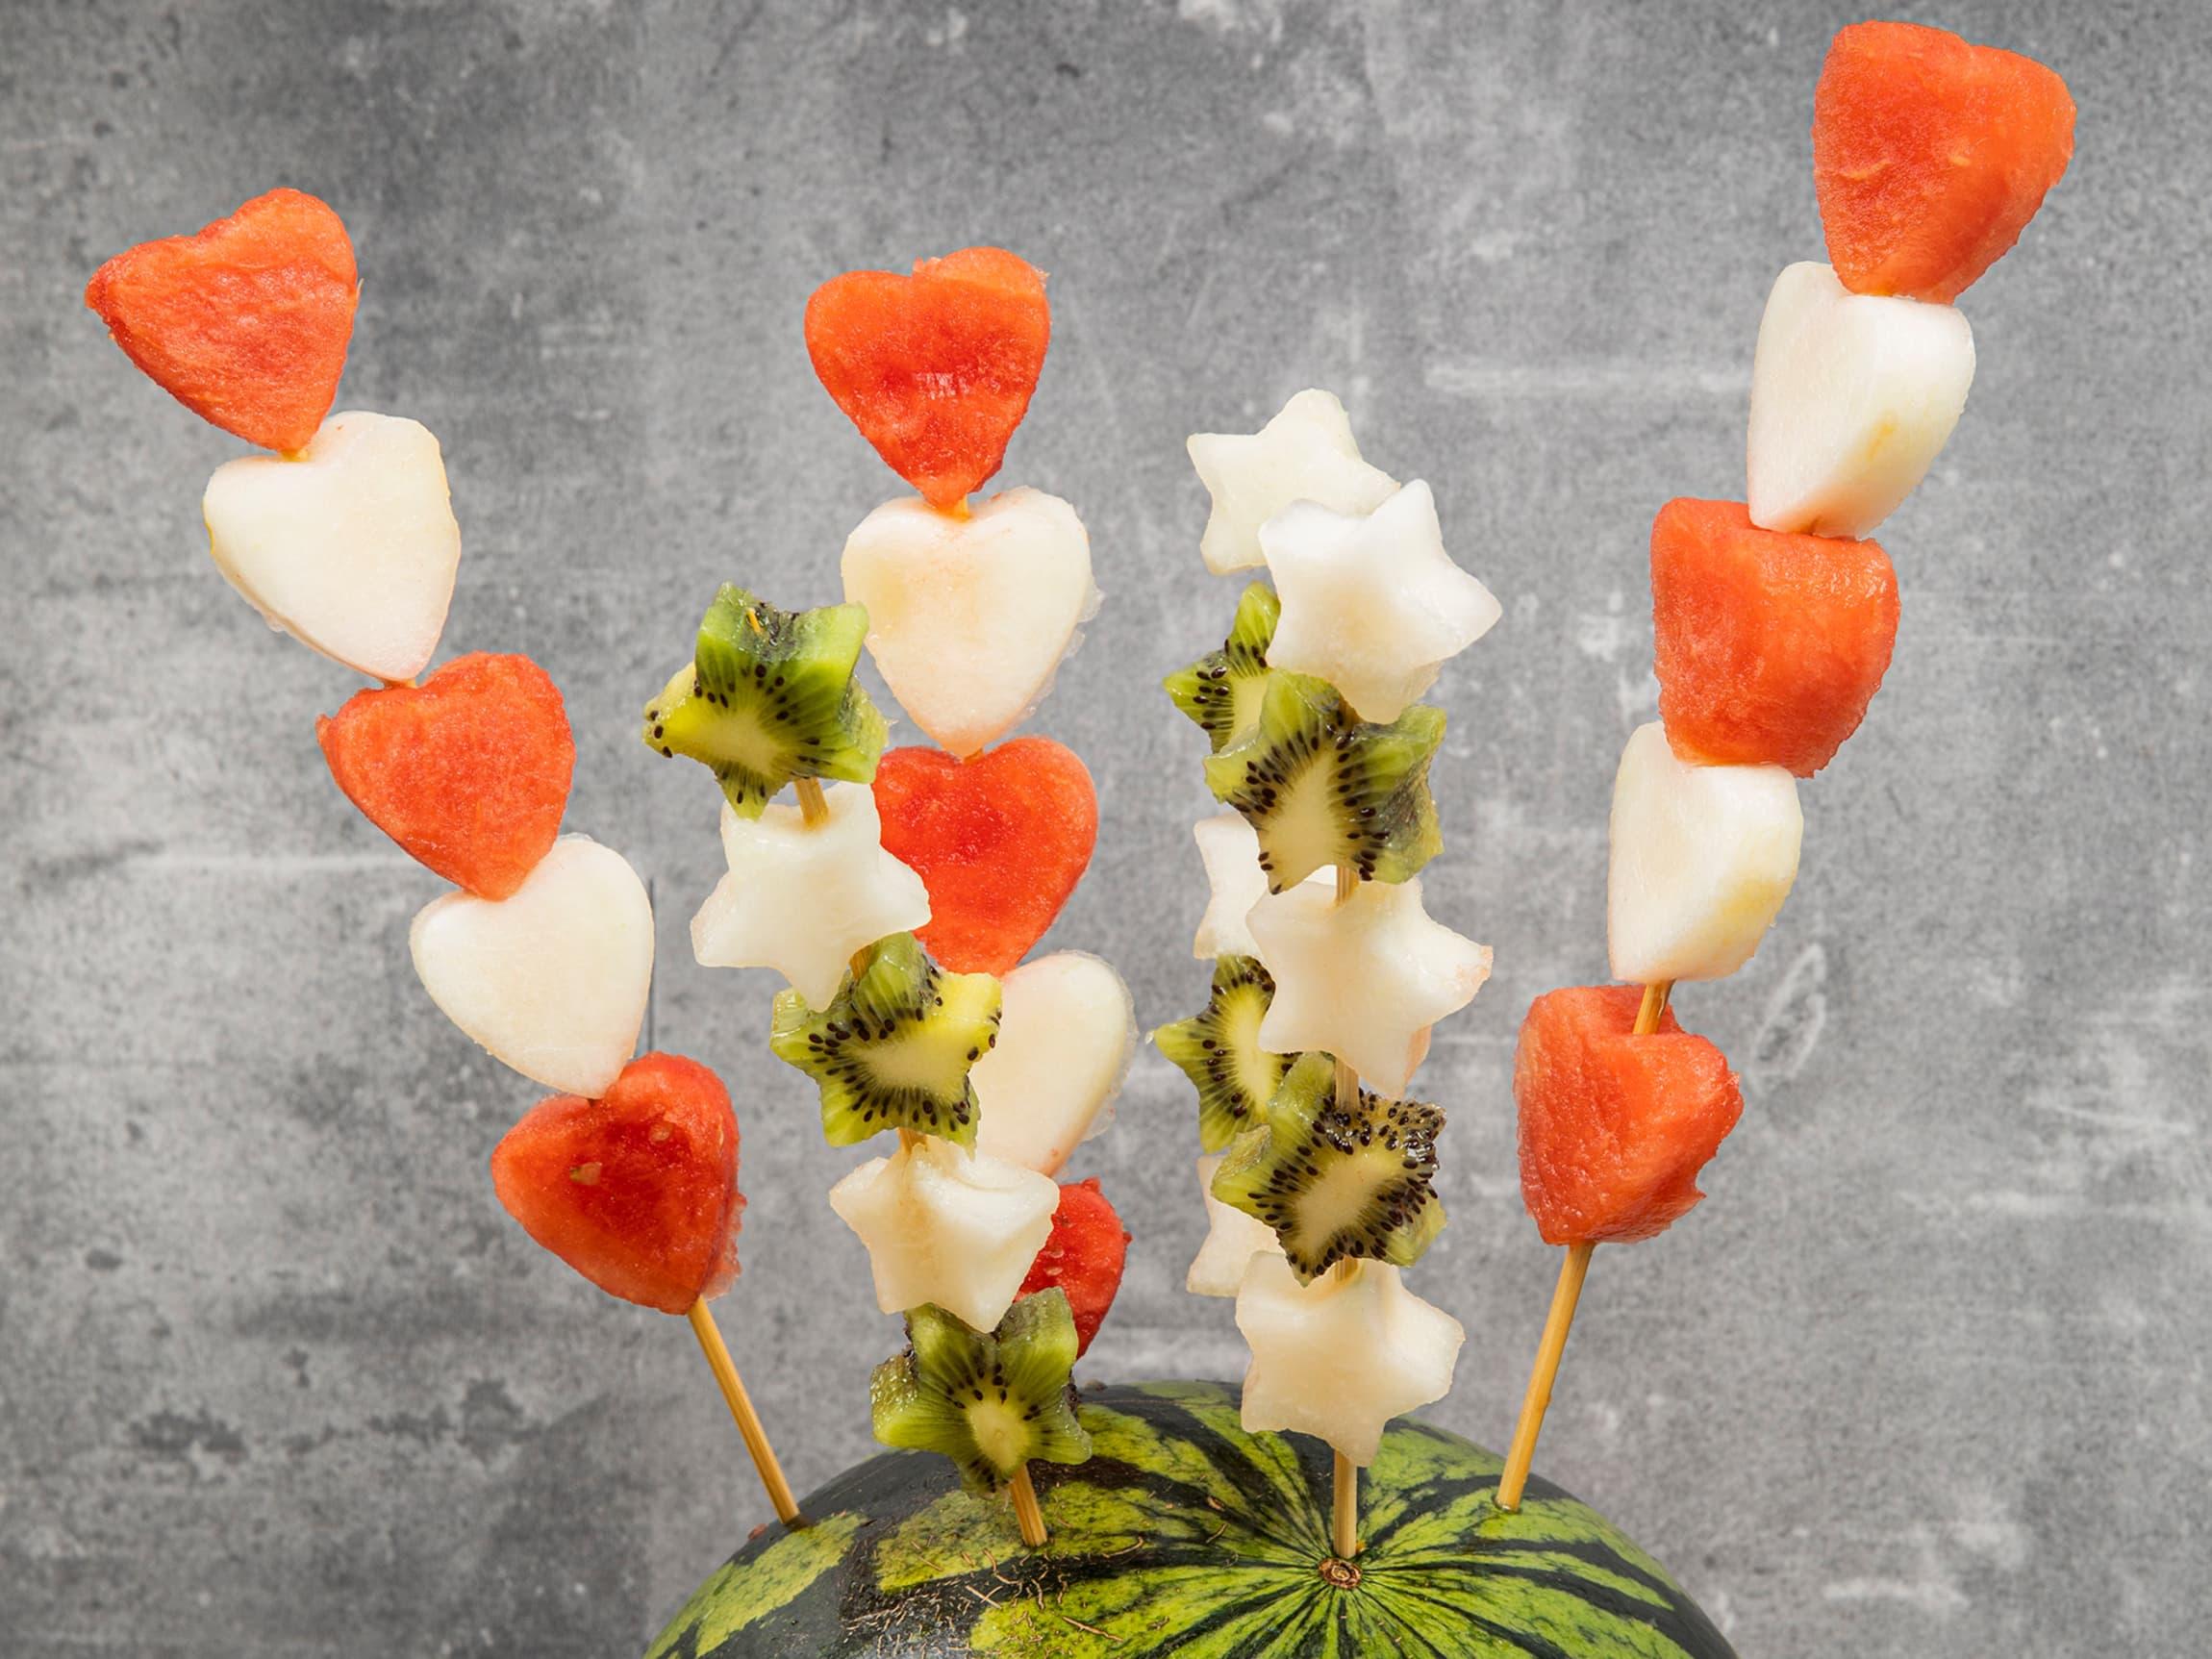 Bruk pepperkakeformer til å lage figurer av melon og lag fruktspyd